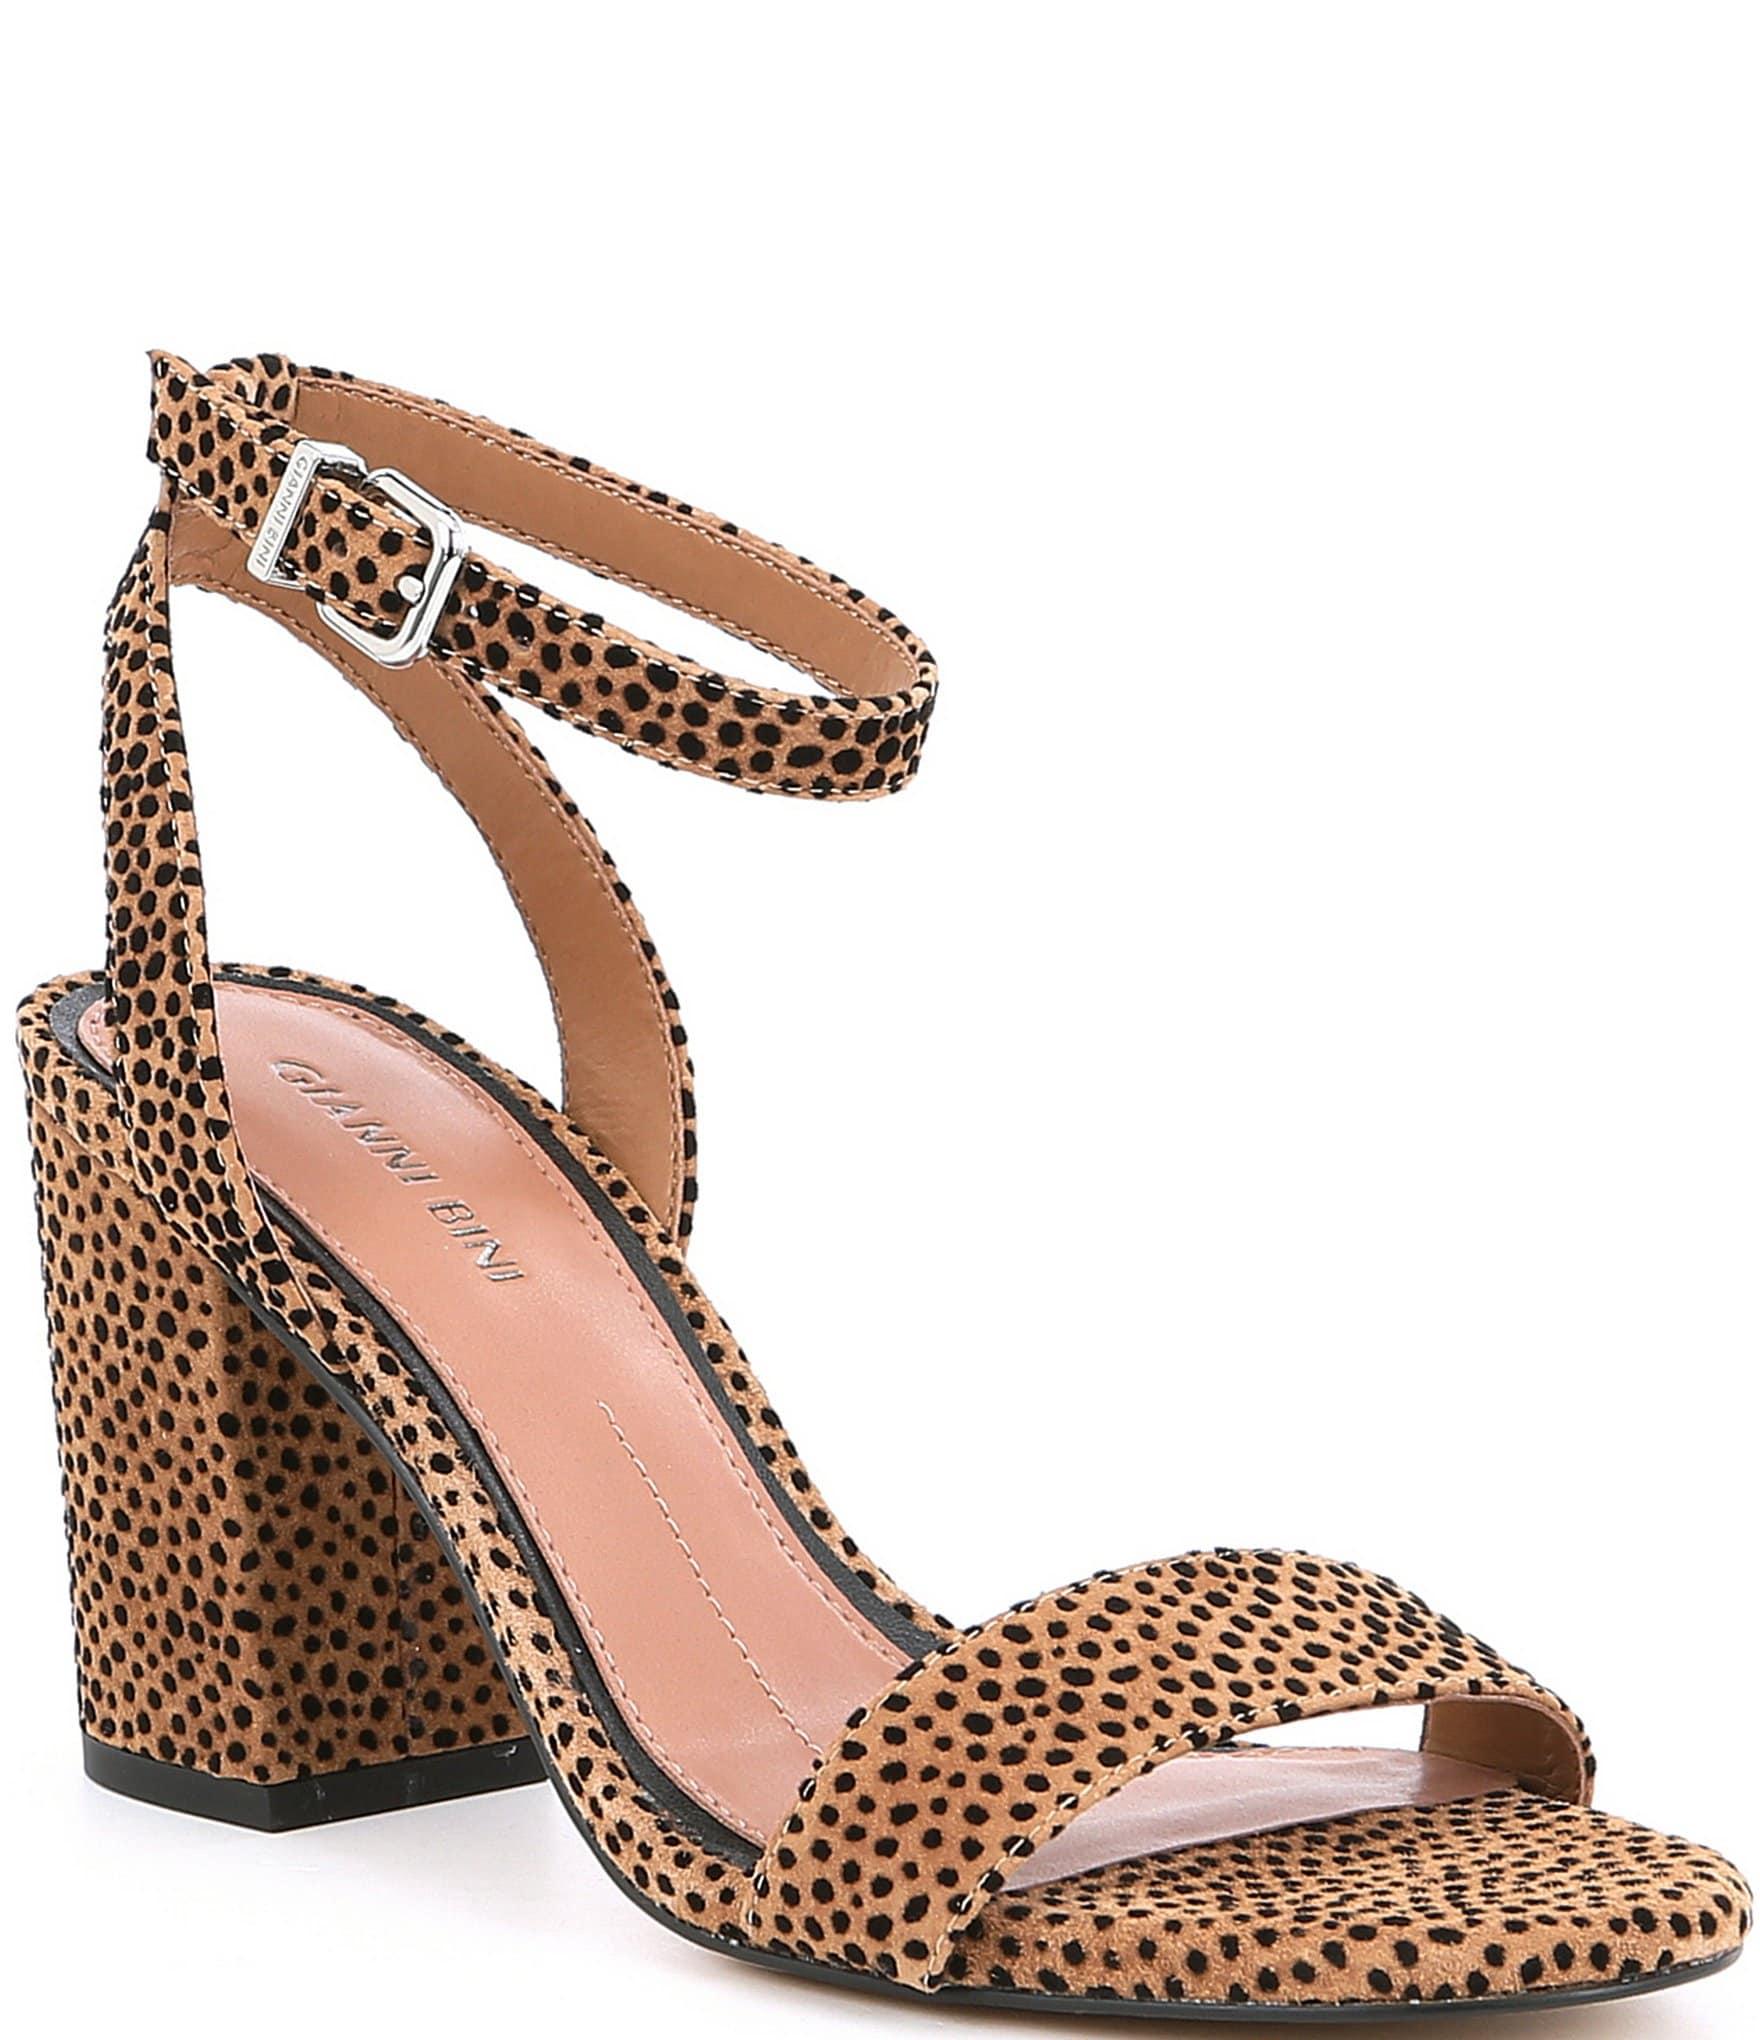 47ada3cf3 Women's Shoes | Dillard's